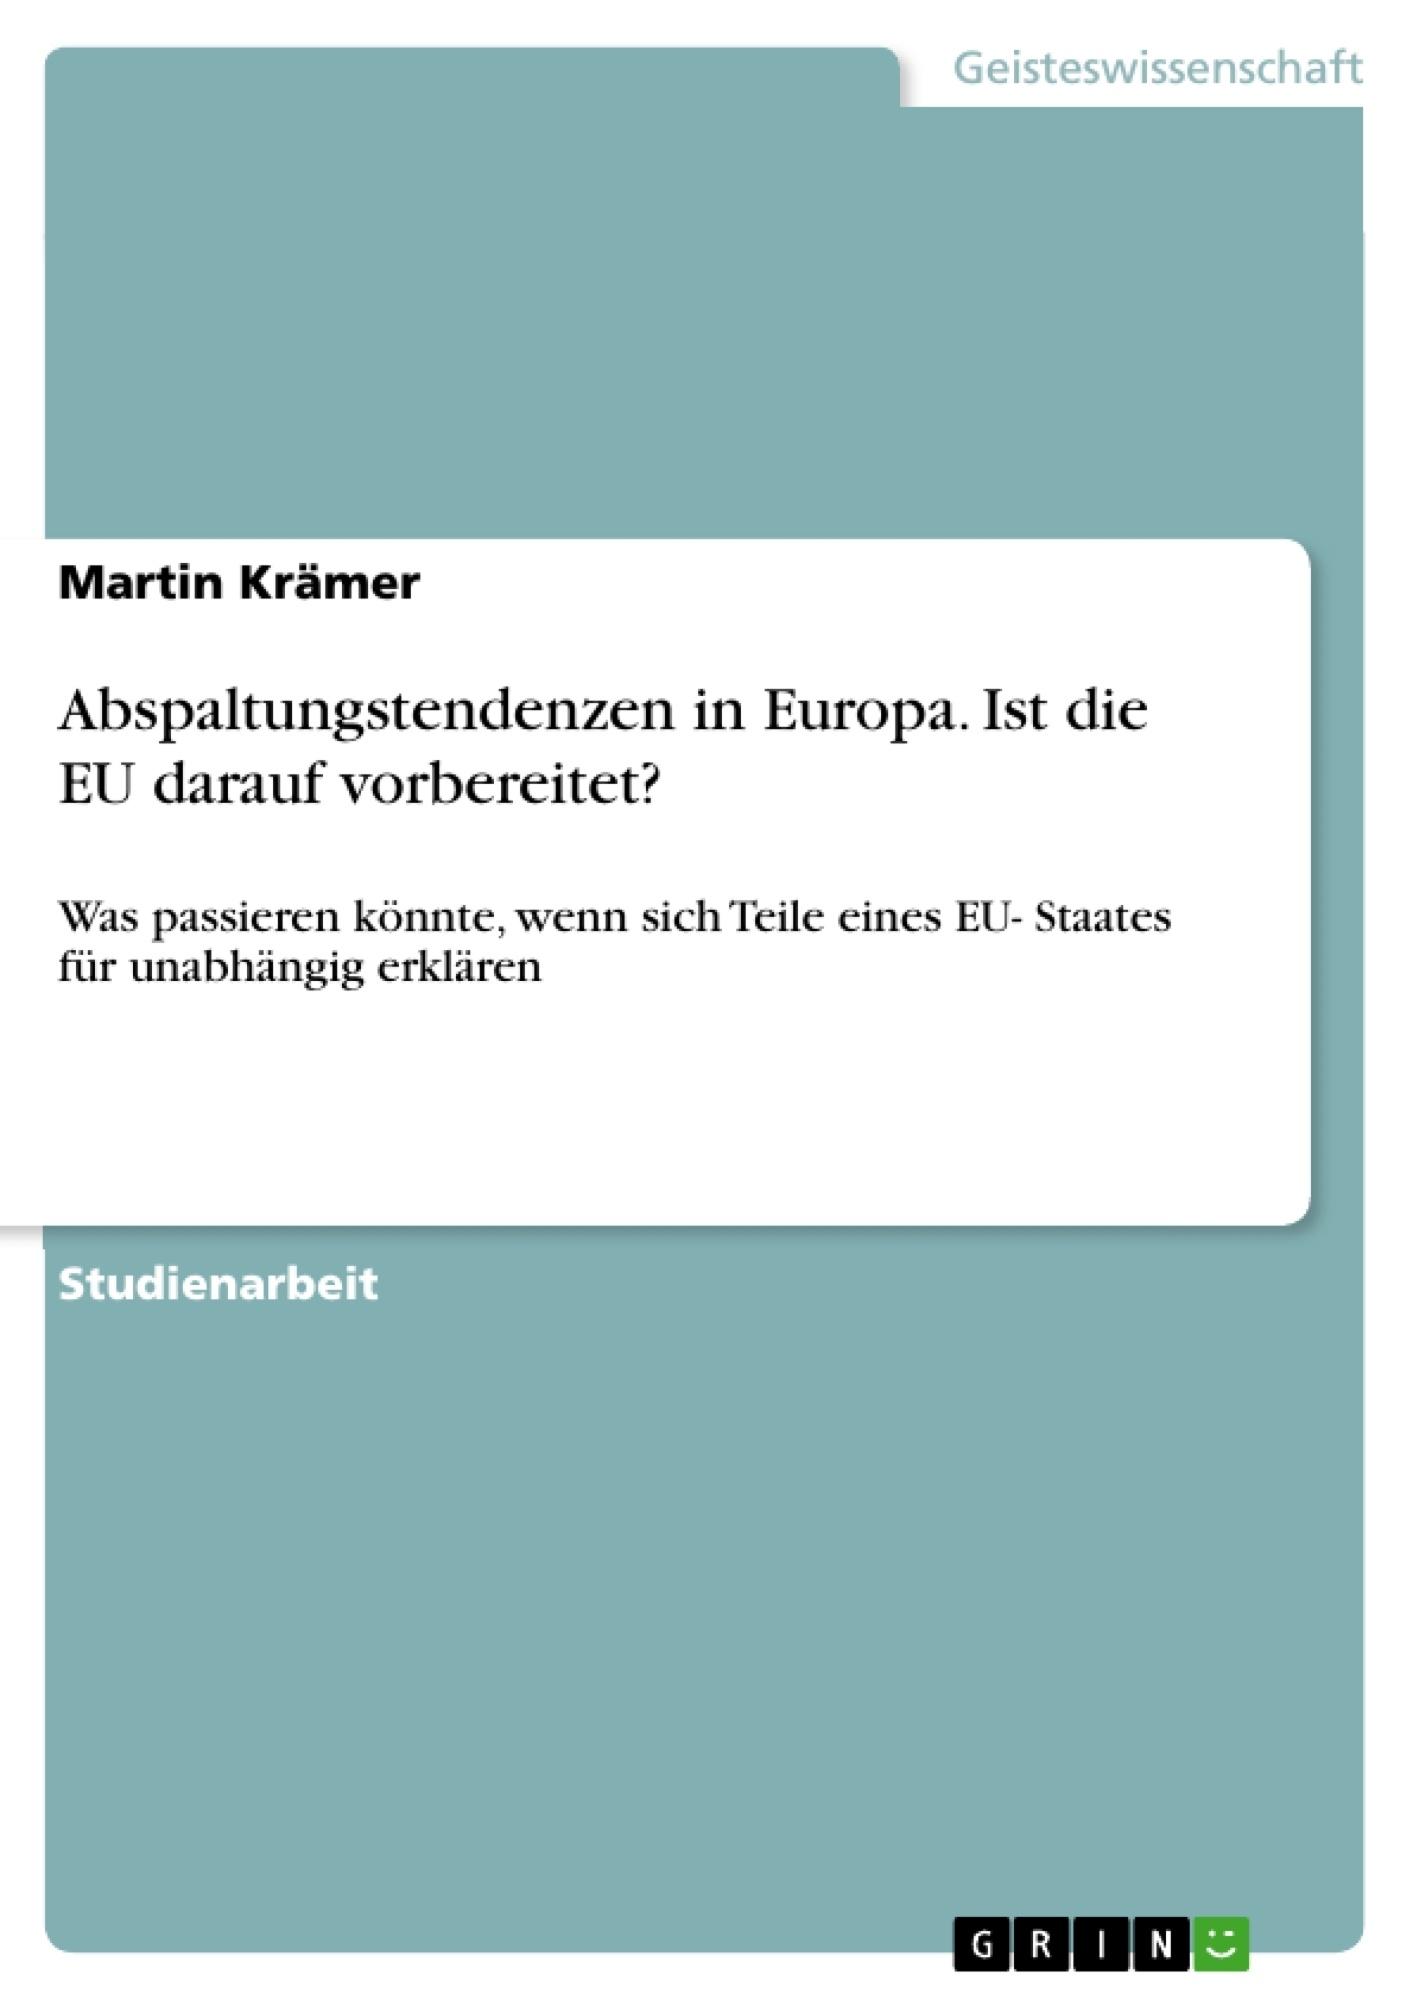 Titel: Abspaltungstendenzen in Europa. Ist die EU darauf vorbereitet?